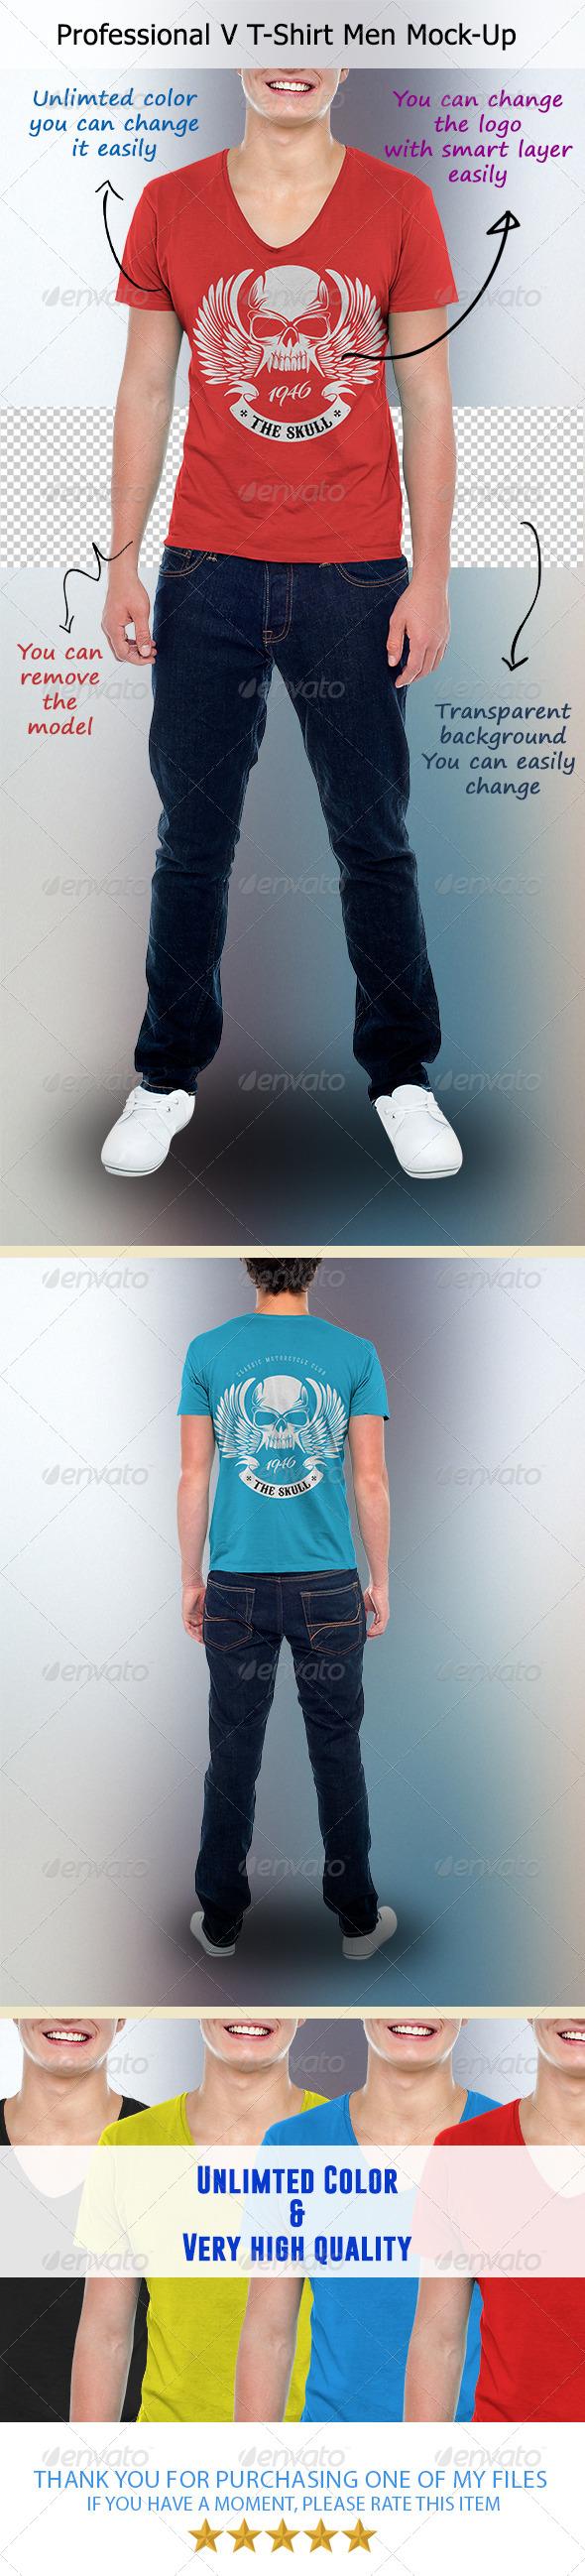 GraphicRiver Professional V T-Shirt Men Mock-Up 7466248